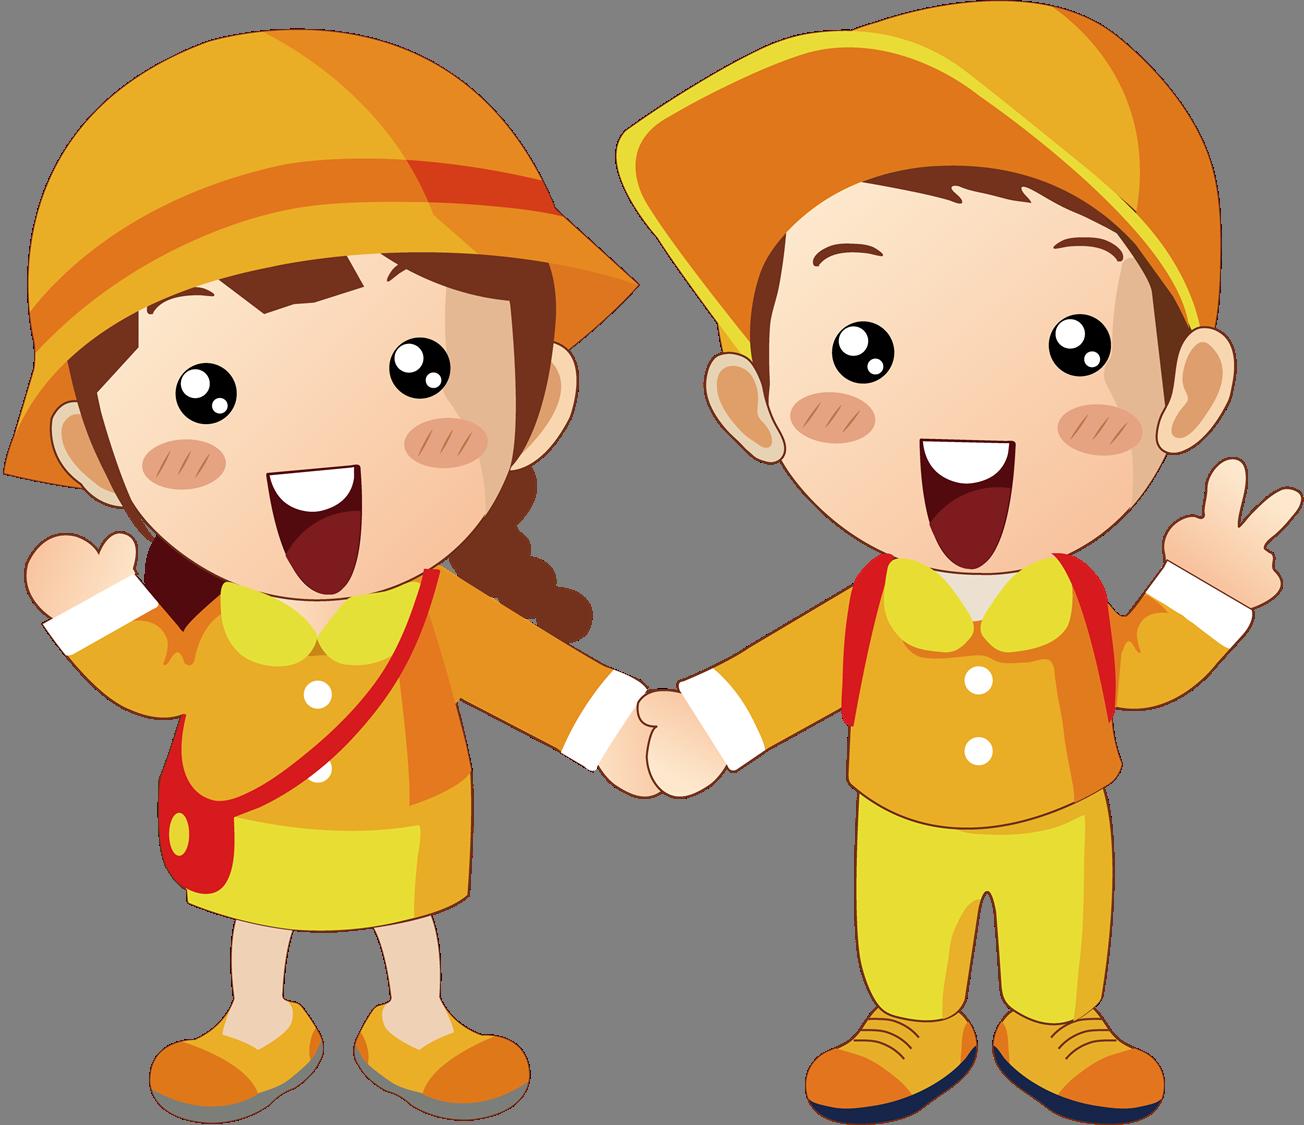 小学校受験情報ホームページ「お受験じょうほう」、志望校判定模試などの情報を掲載中